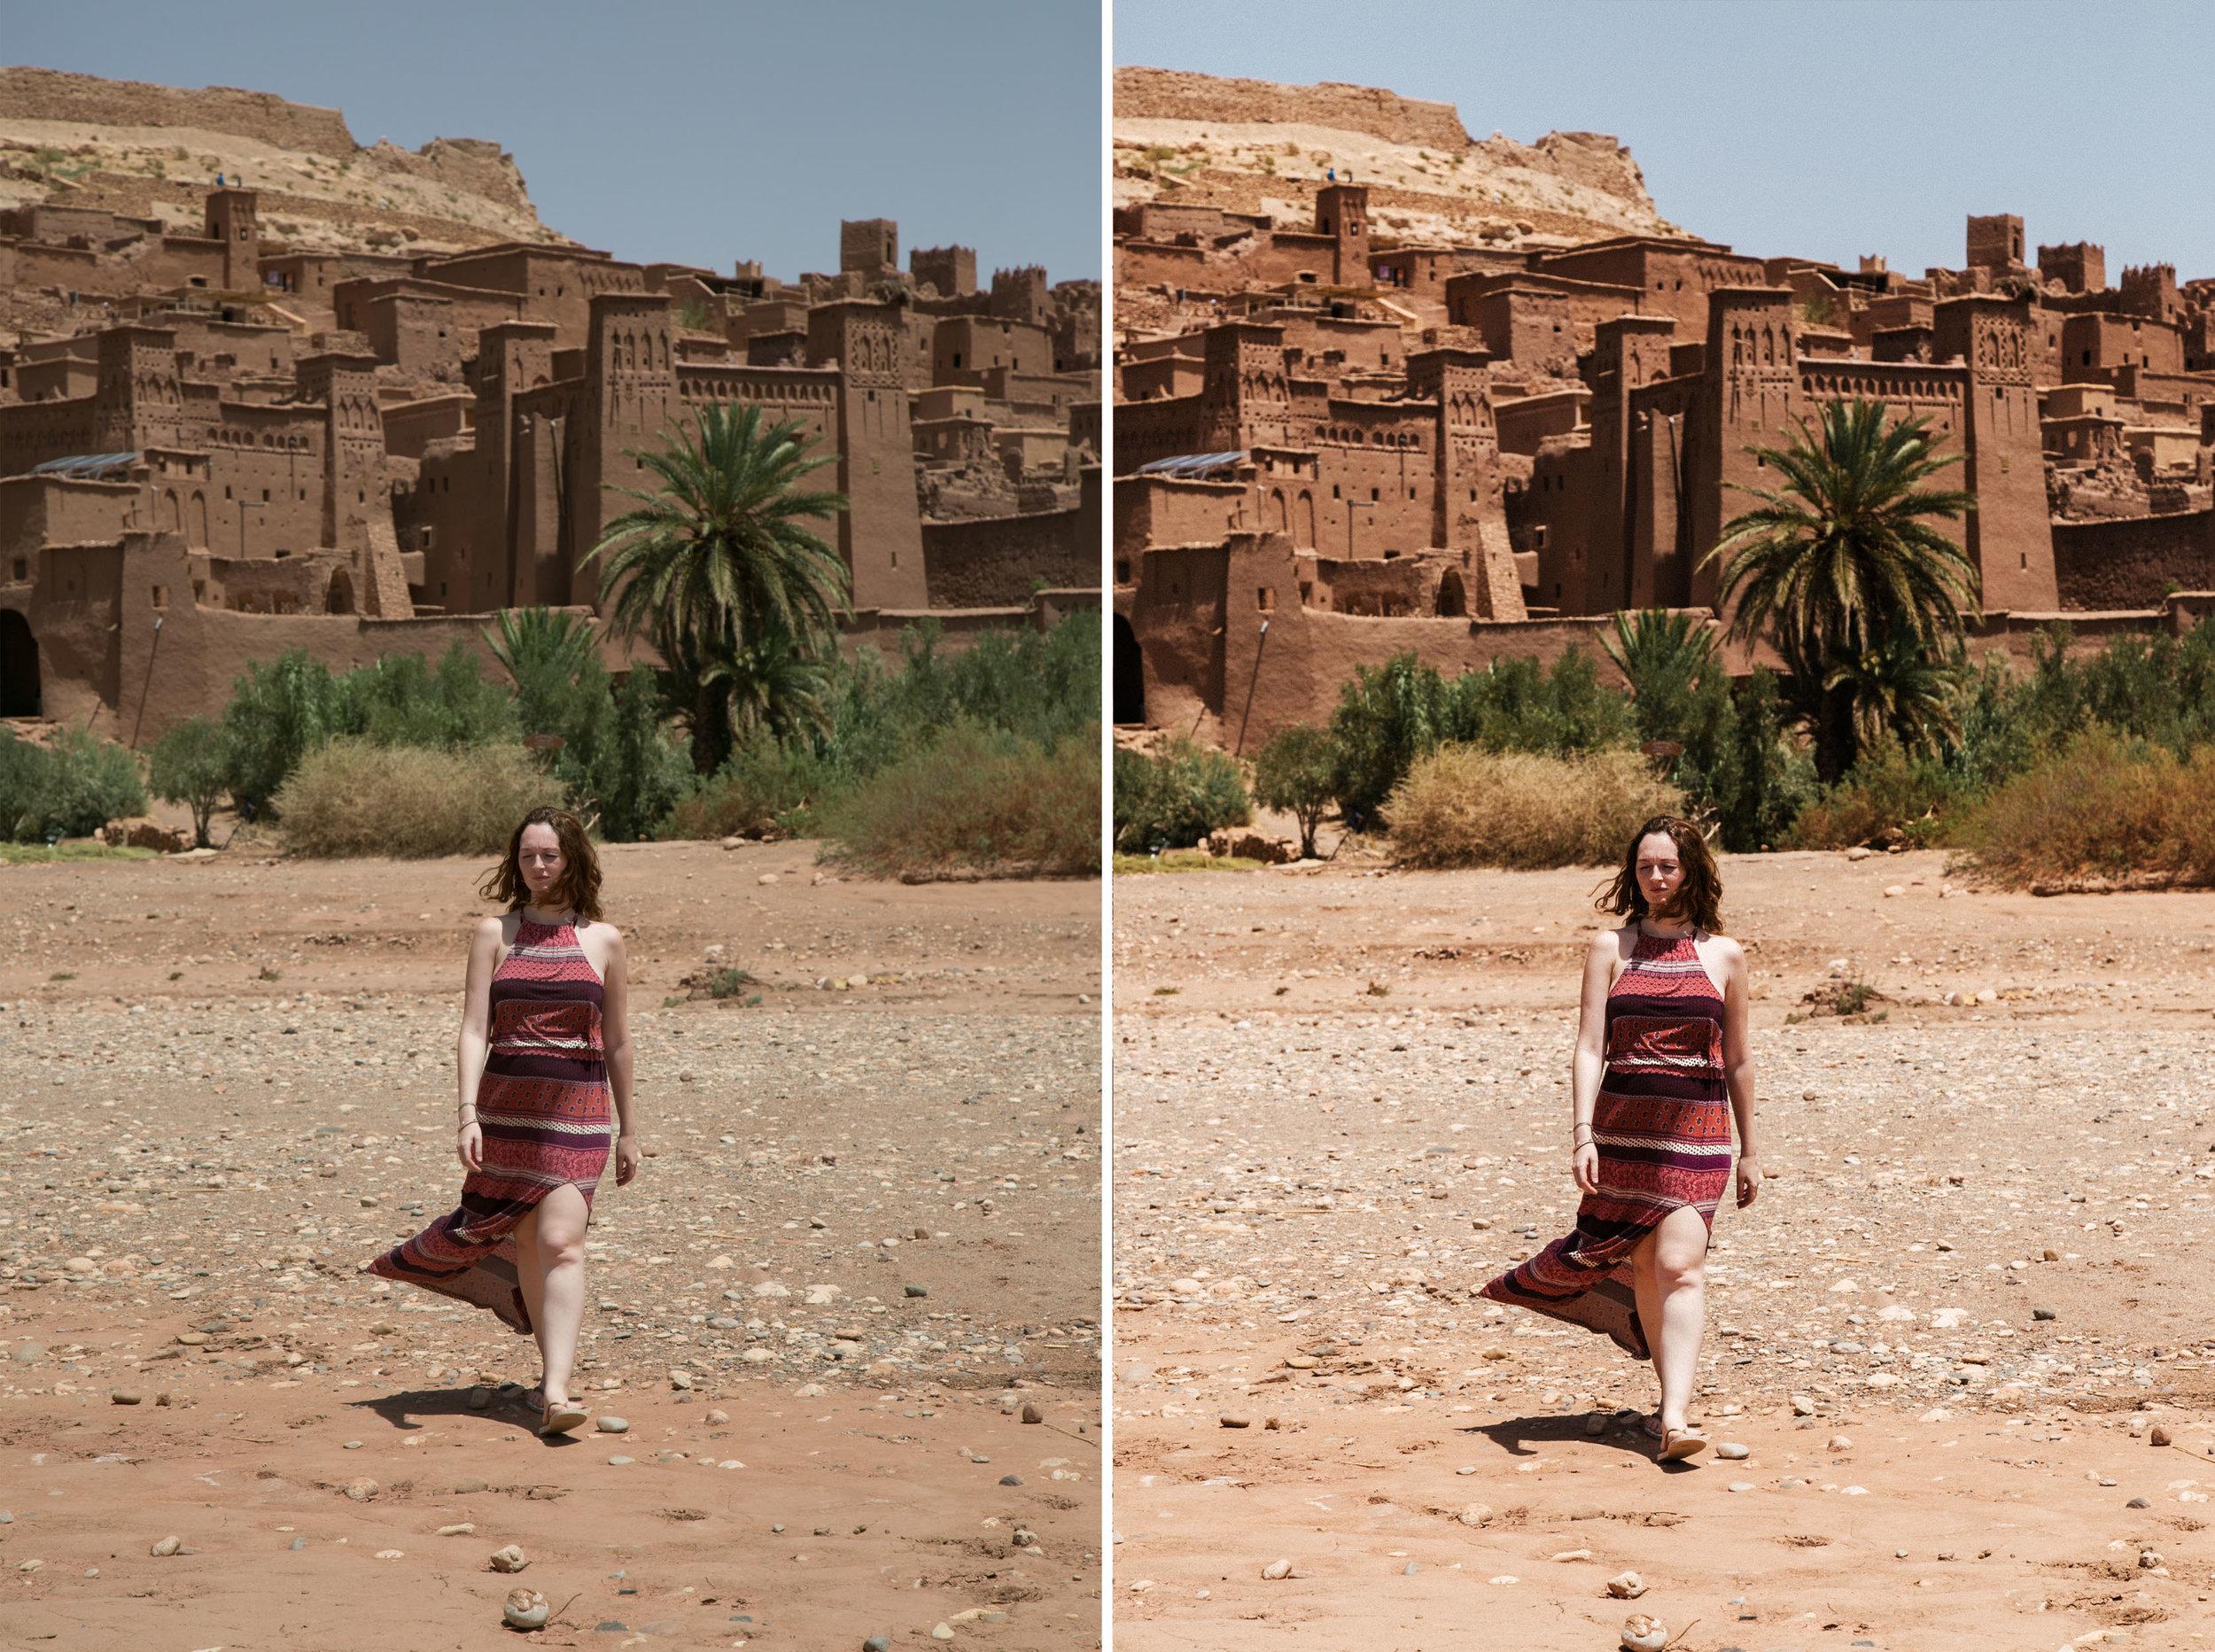 Marrocos Antes e Depois 9.jpg